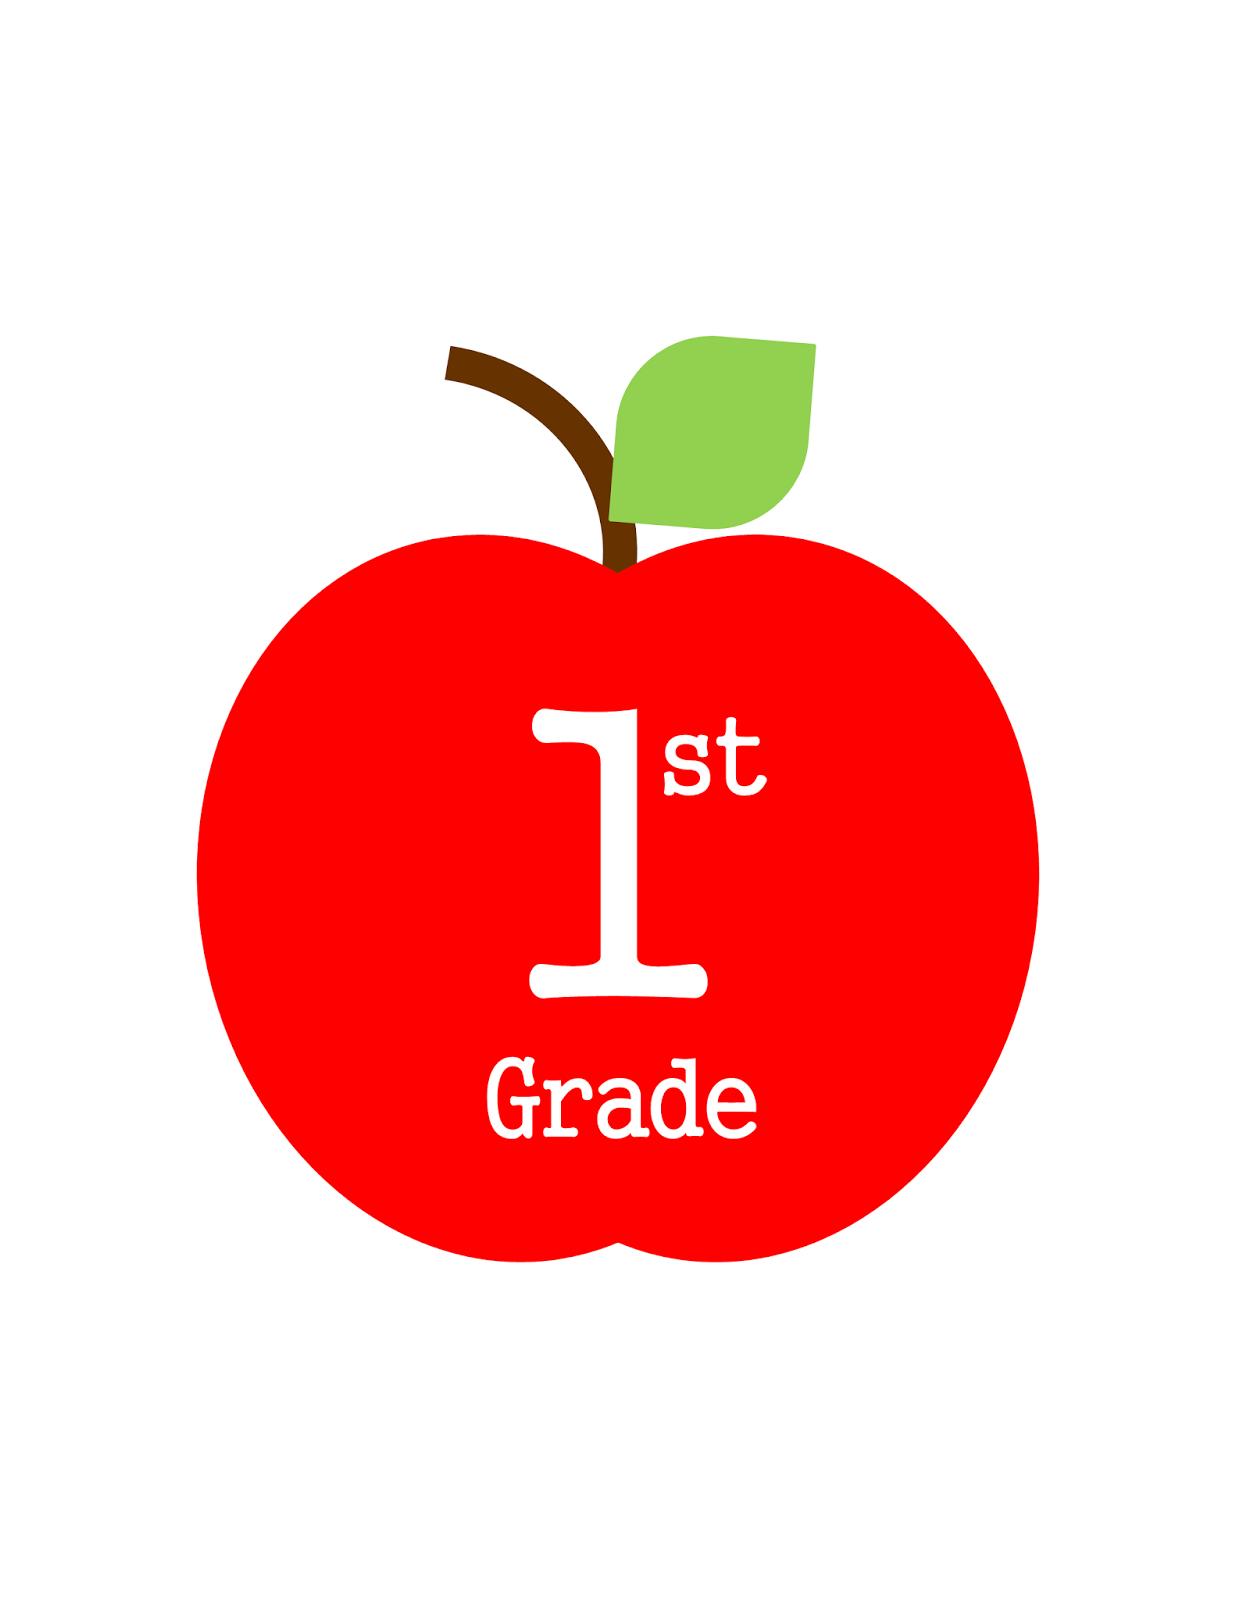 Printable Apple School Binder Covers Has 1st Grade